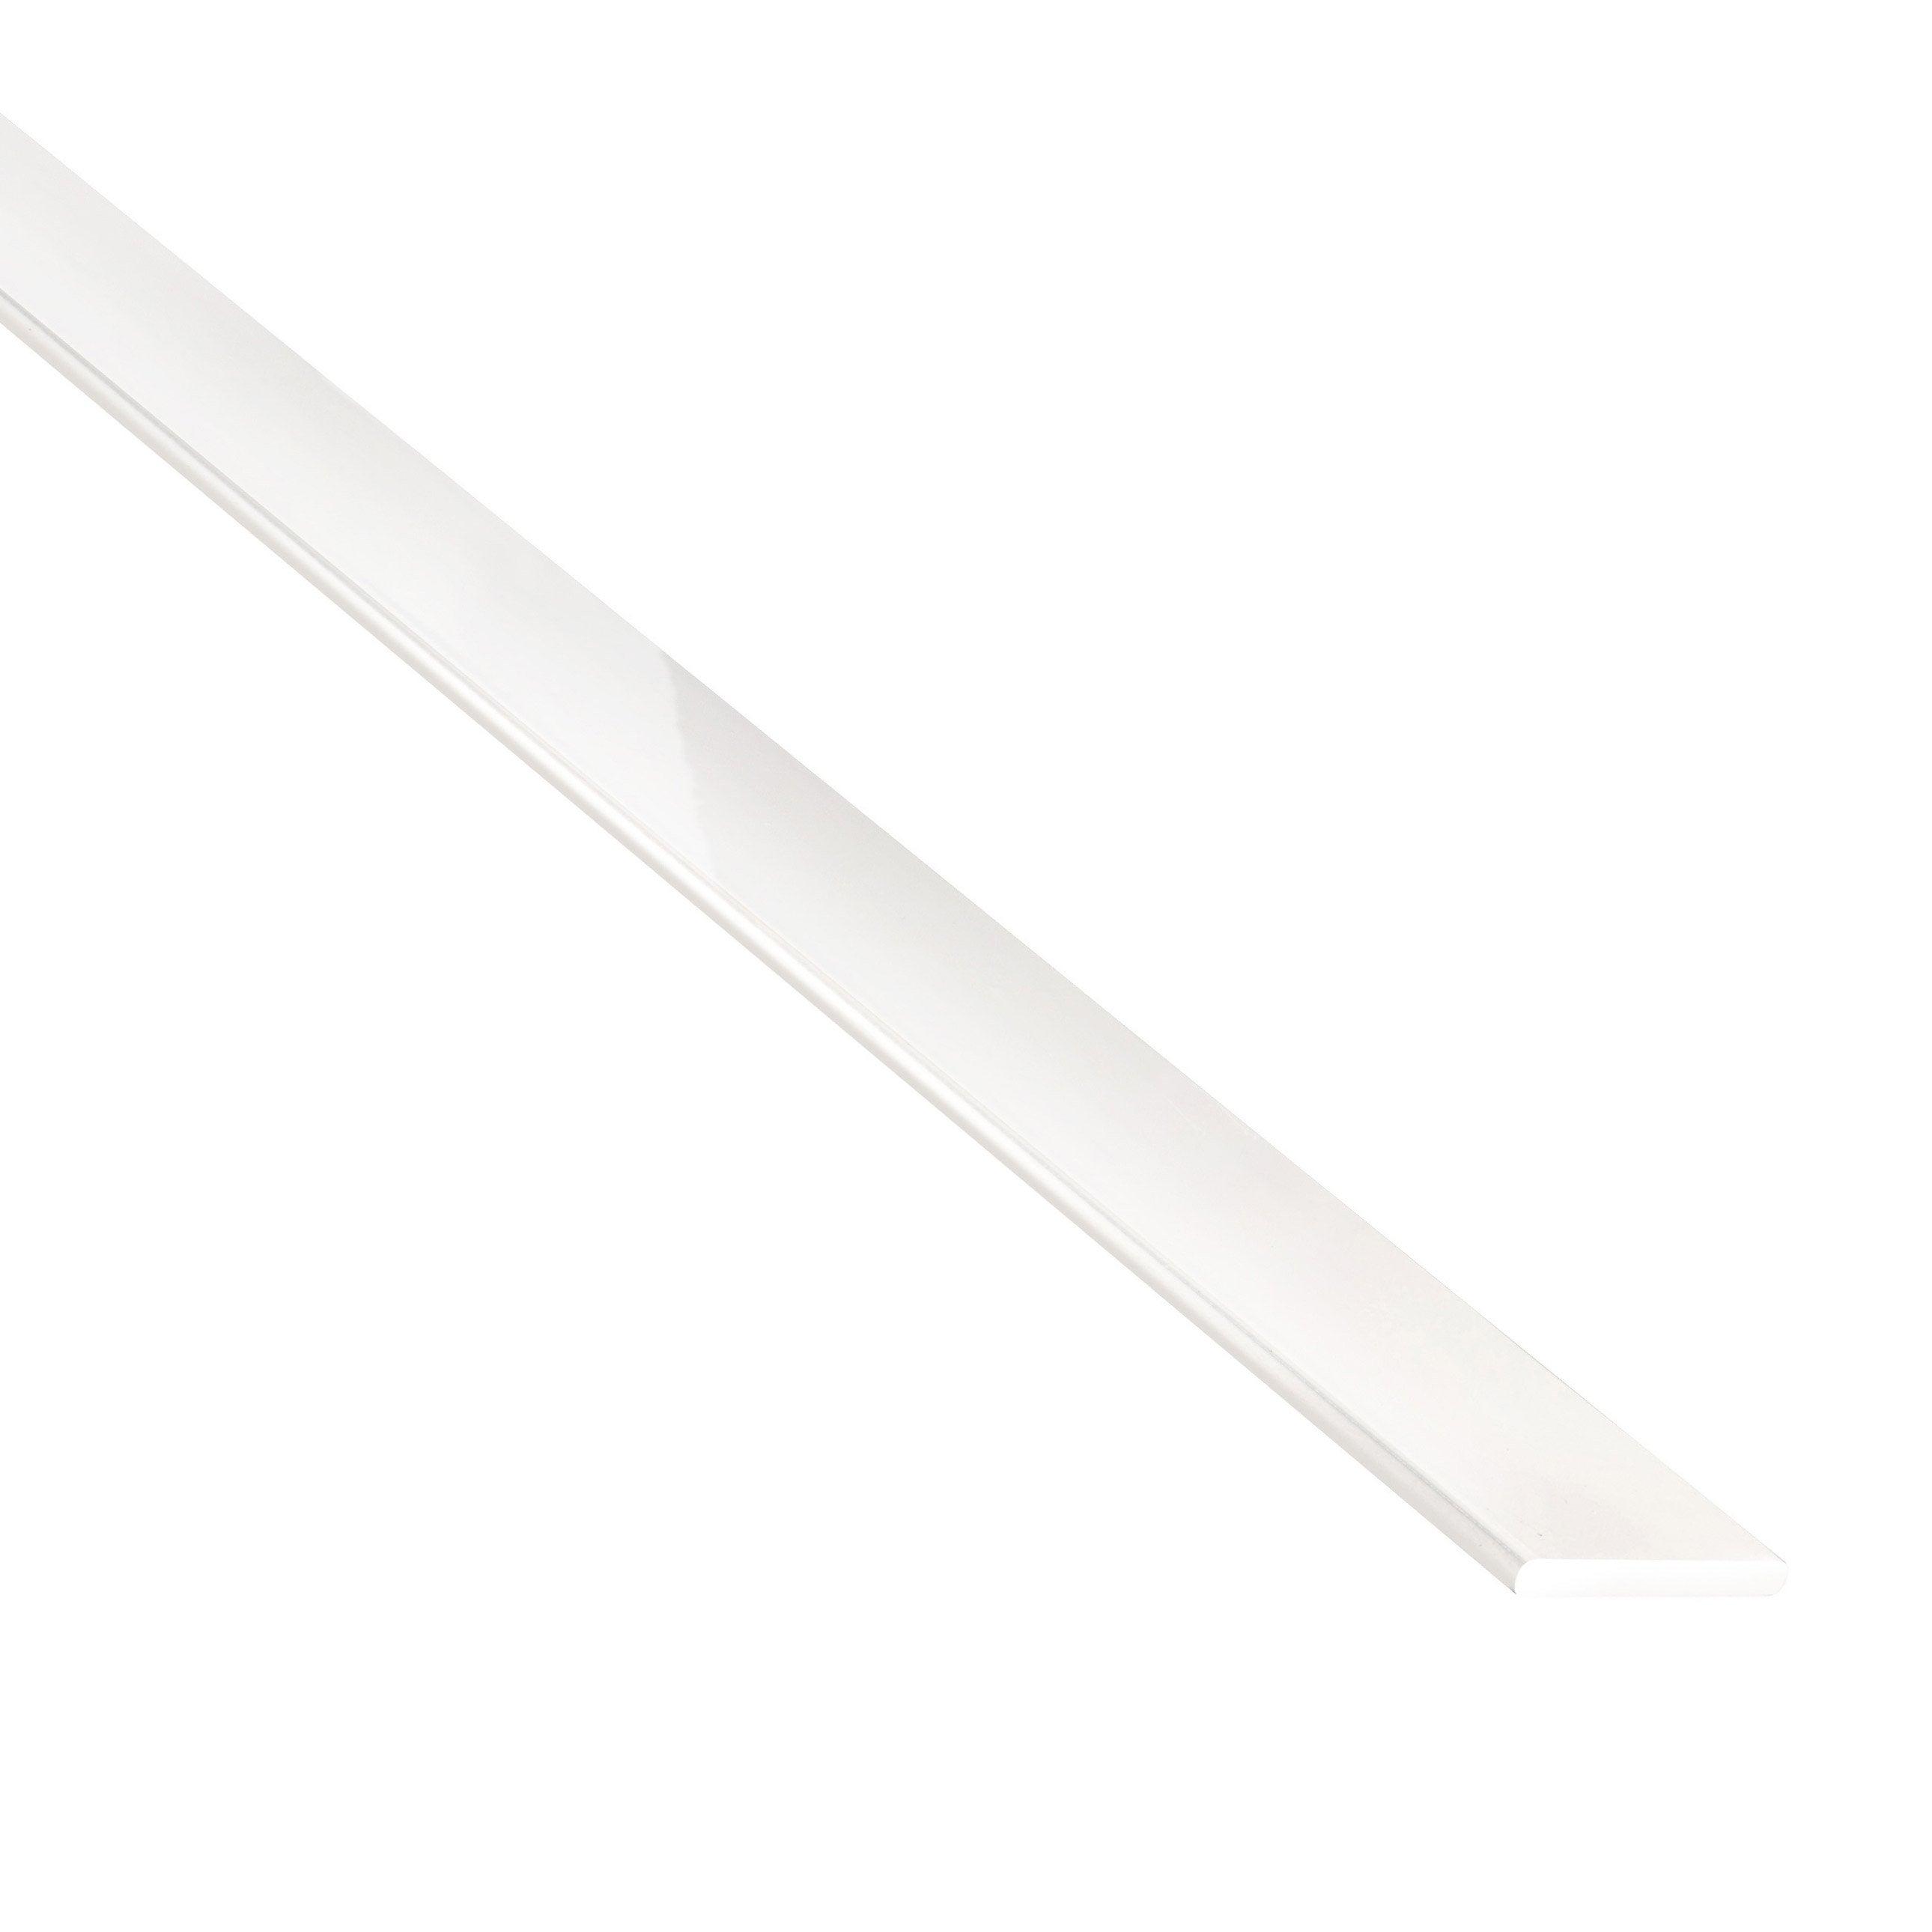 Plat Aluminium Laquée Blanc L1 M X L3 Cm X H02 Cm